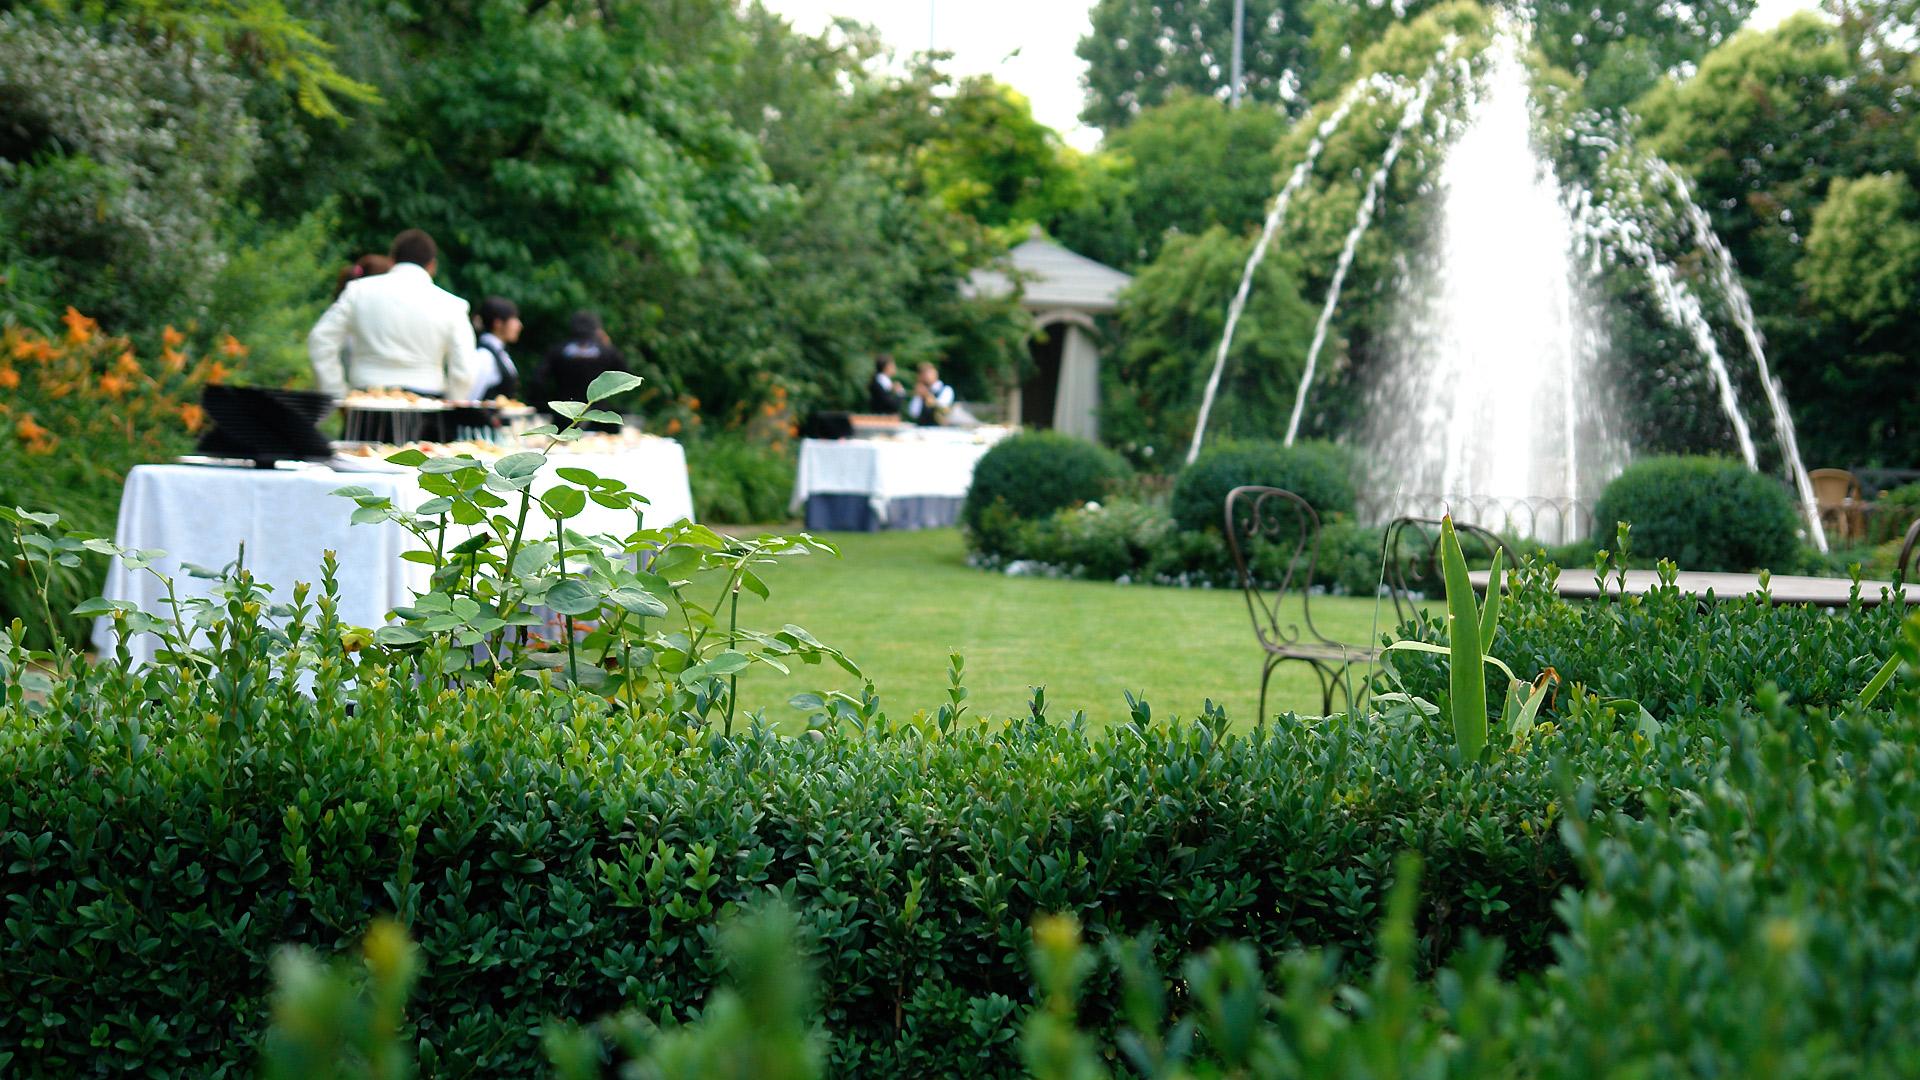 Giardino della fontana paghera green events - Organizzare il giardino ...